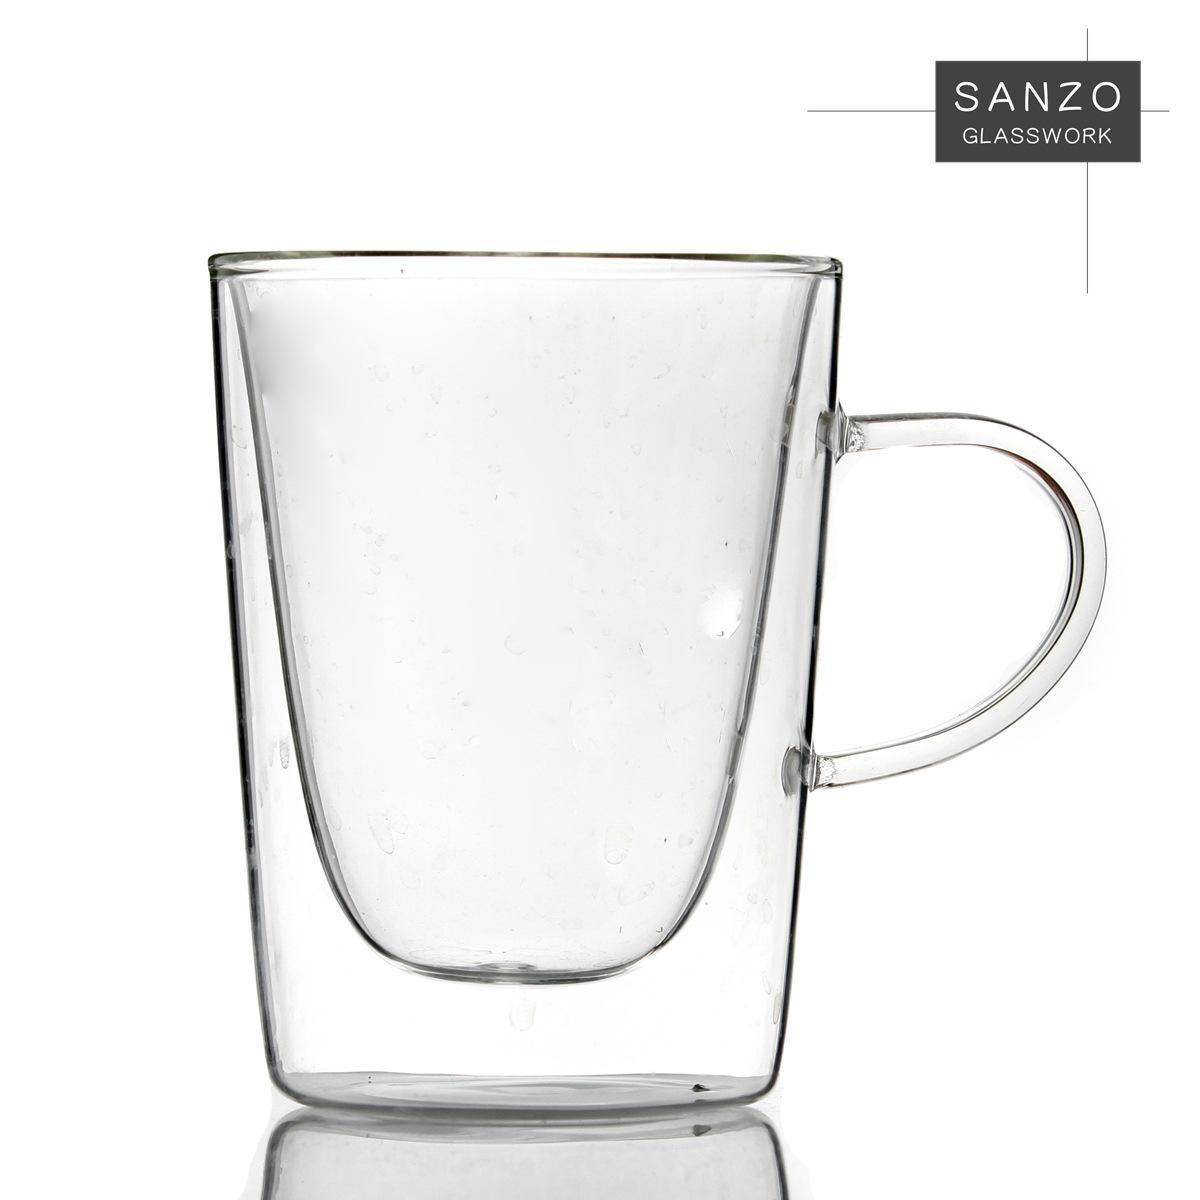 高硼硅双层玻璃杯 Sanzo 高硼硅玻璃 圆柱形